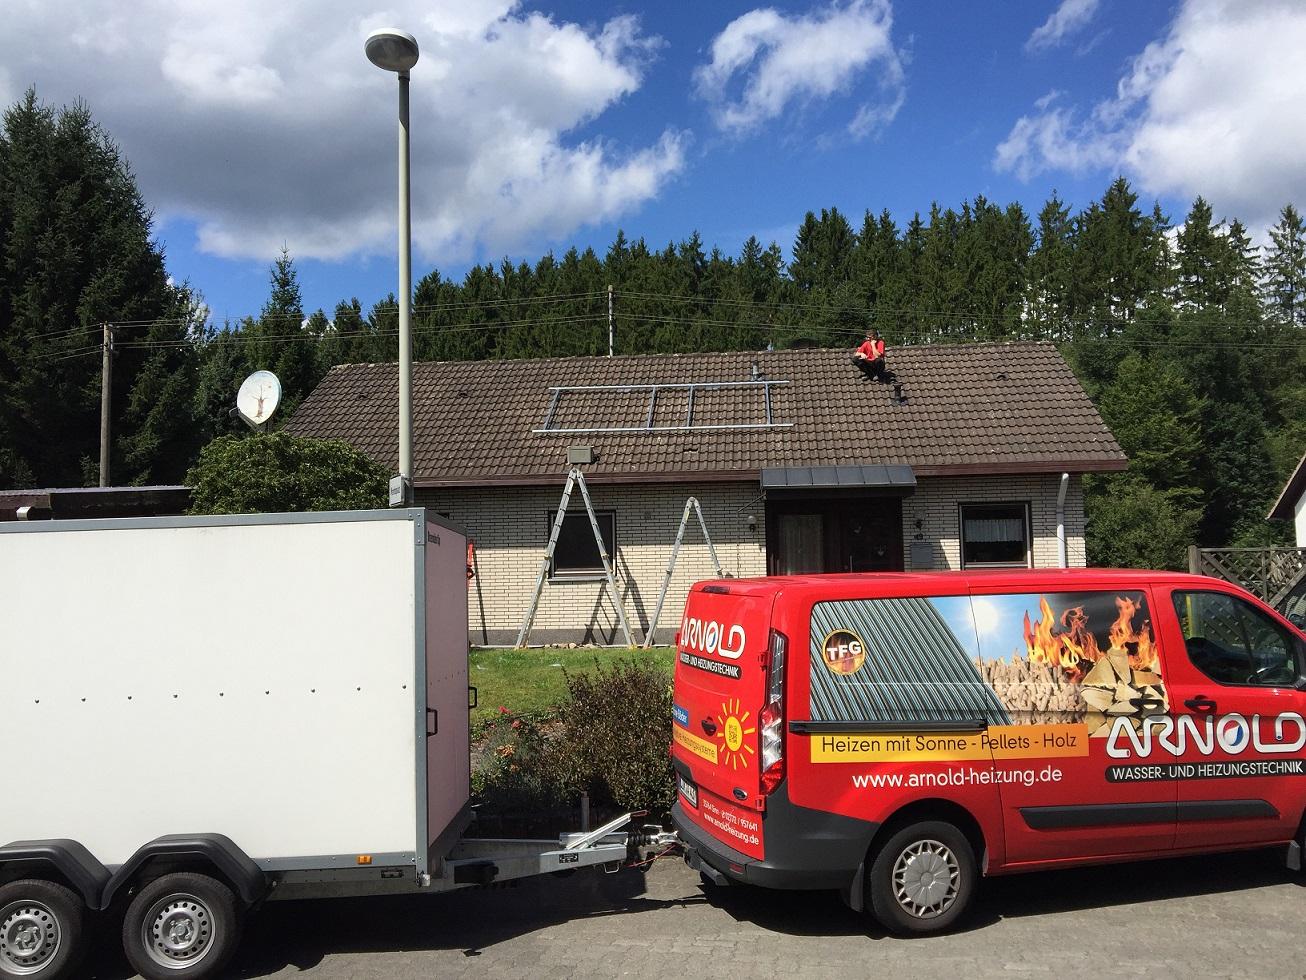 Das Lieblings-Solarthermie-Projekt unseres Handwerkers des Monats - eine komplette Heizungs-Modernisierung nklusive Installation einer Solarthermie-Anlage. Foto: Jean-Pierre Arnold GmbH & Co. KG